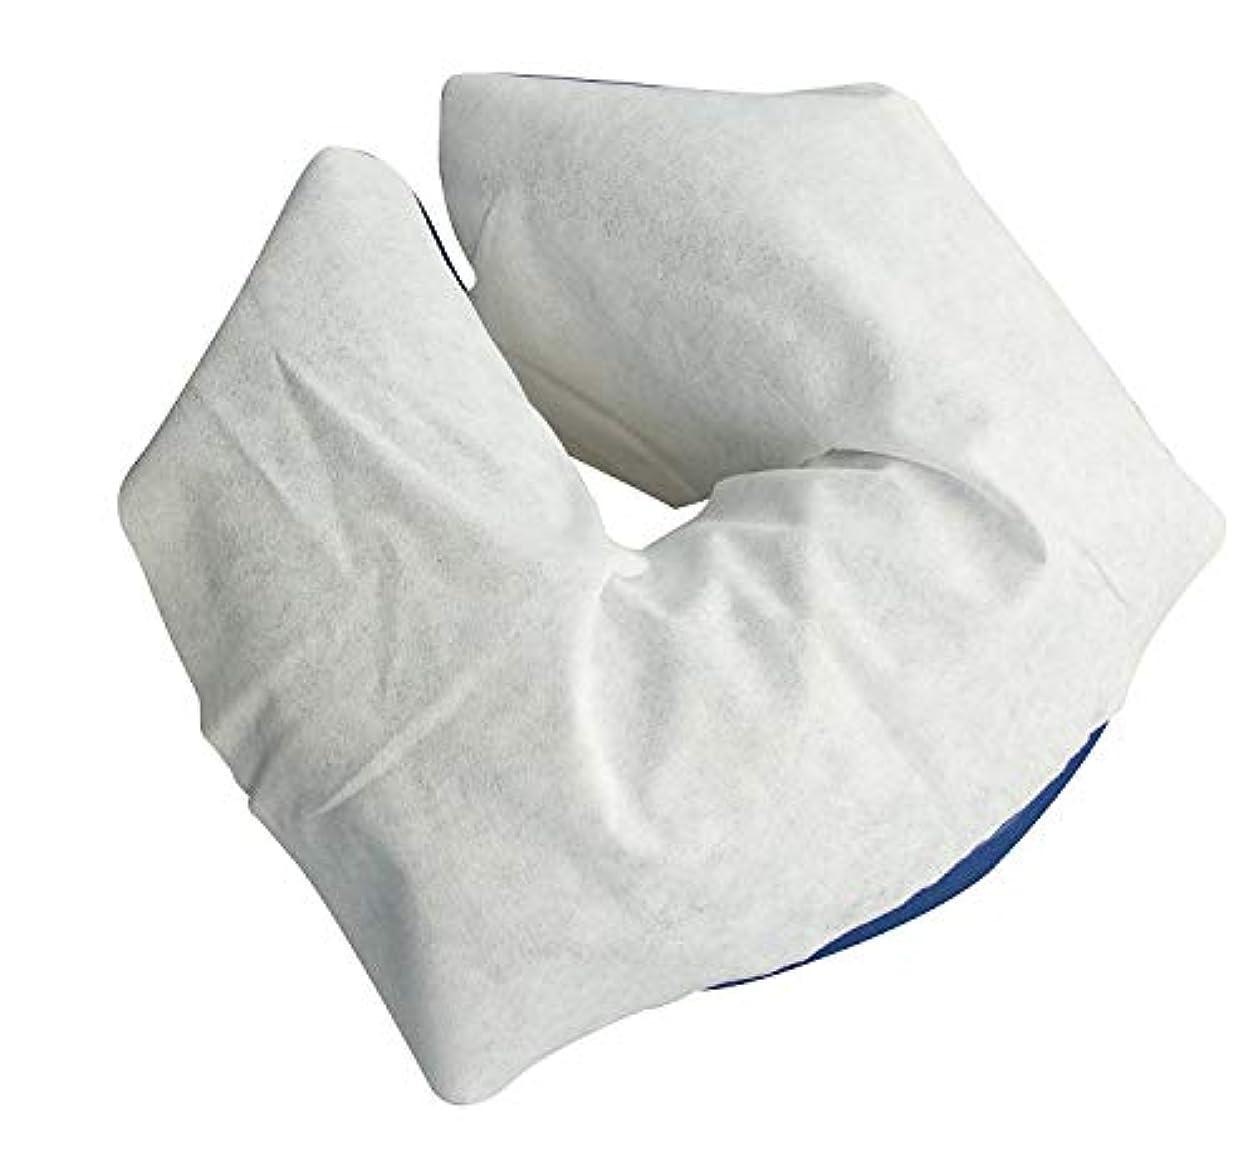 語熟達常習的Umora U字 ピローシート 使い捨てマクラカバー 業務用 美容 サロン 100%綿 柔軟 厚手(200枚)